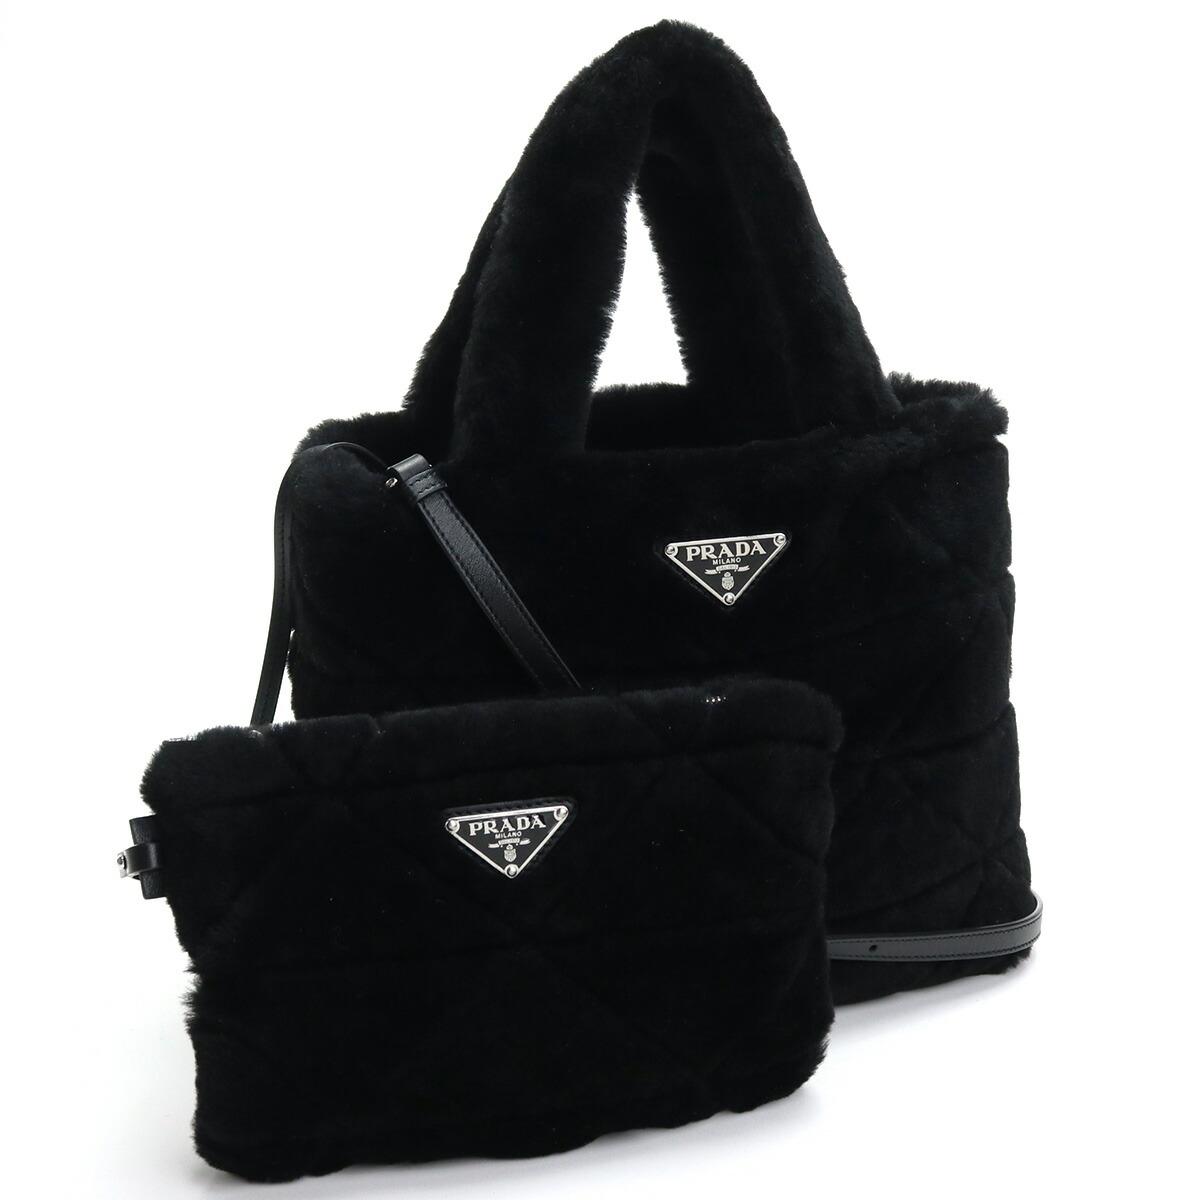 プラダ PRADA  トートバッグ ブランドバッグ ブランドロゴ ファ-バッグ 1BG378 2EC9 V WOO F0002 NERO ブラック bag-01